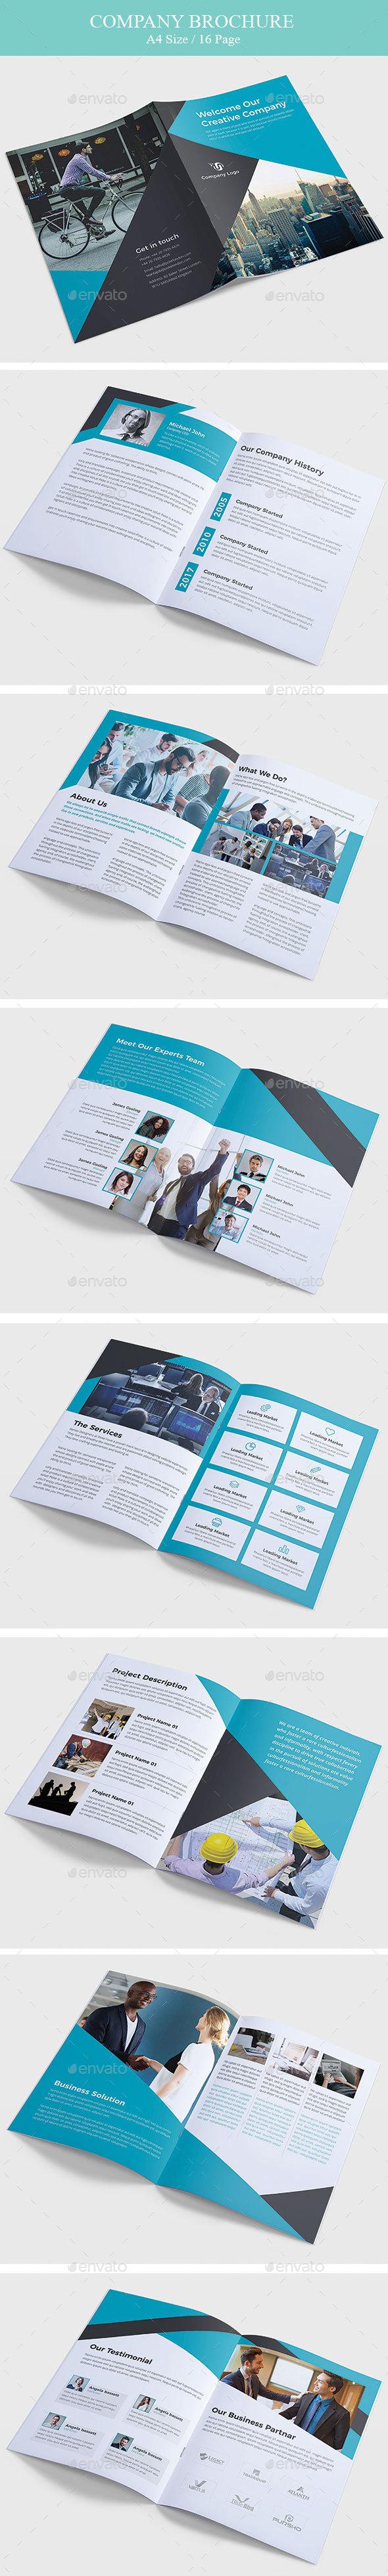 GraphicRiver Company Brochure 20752502